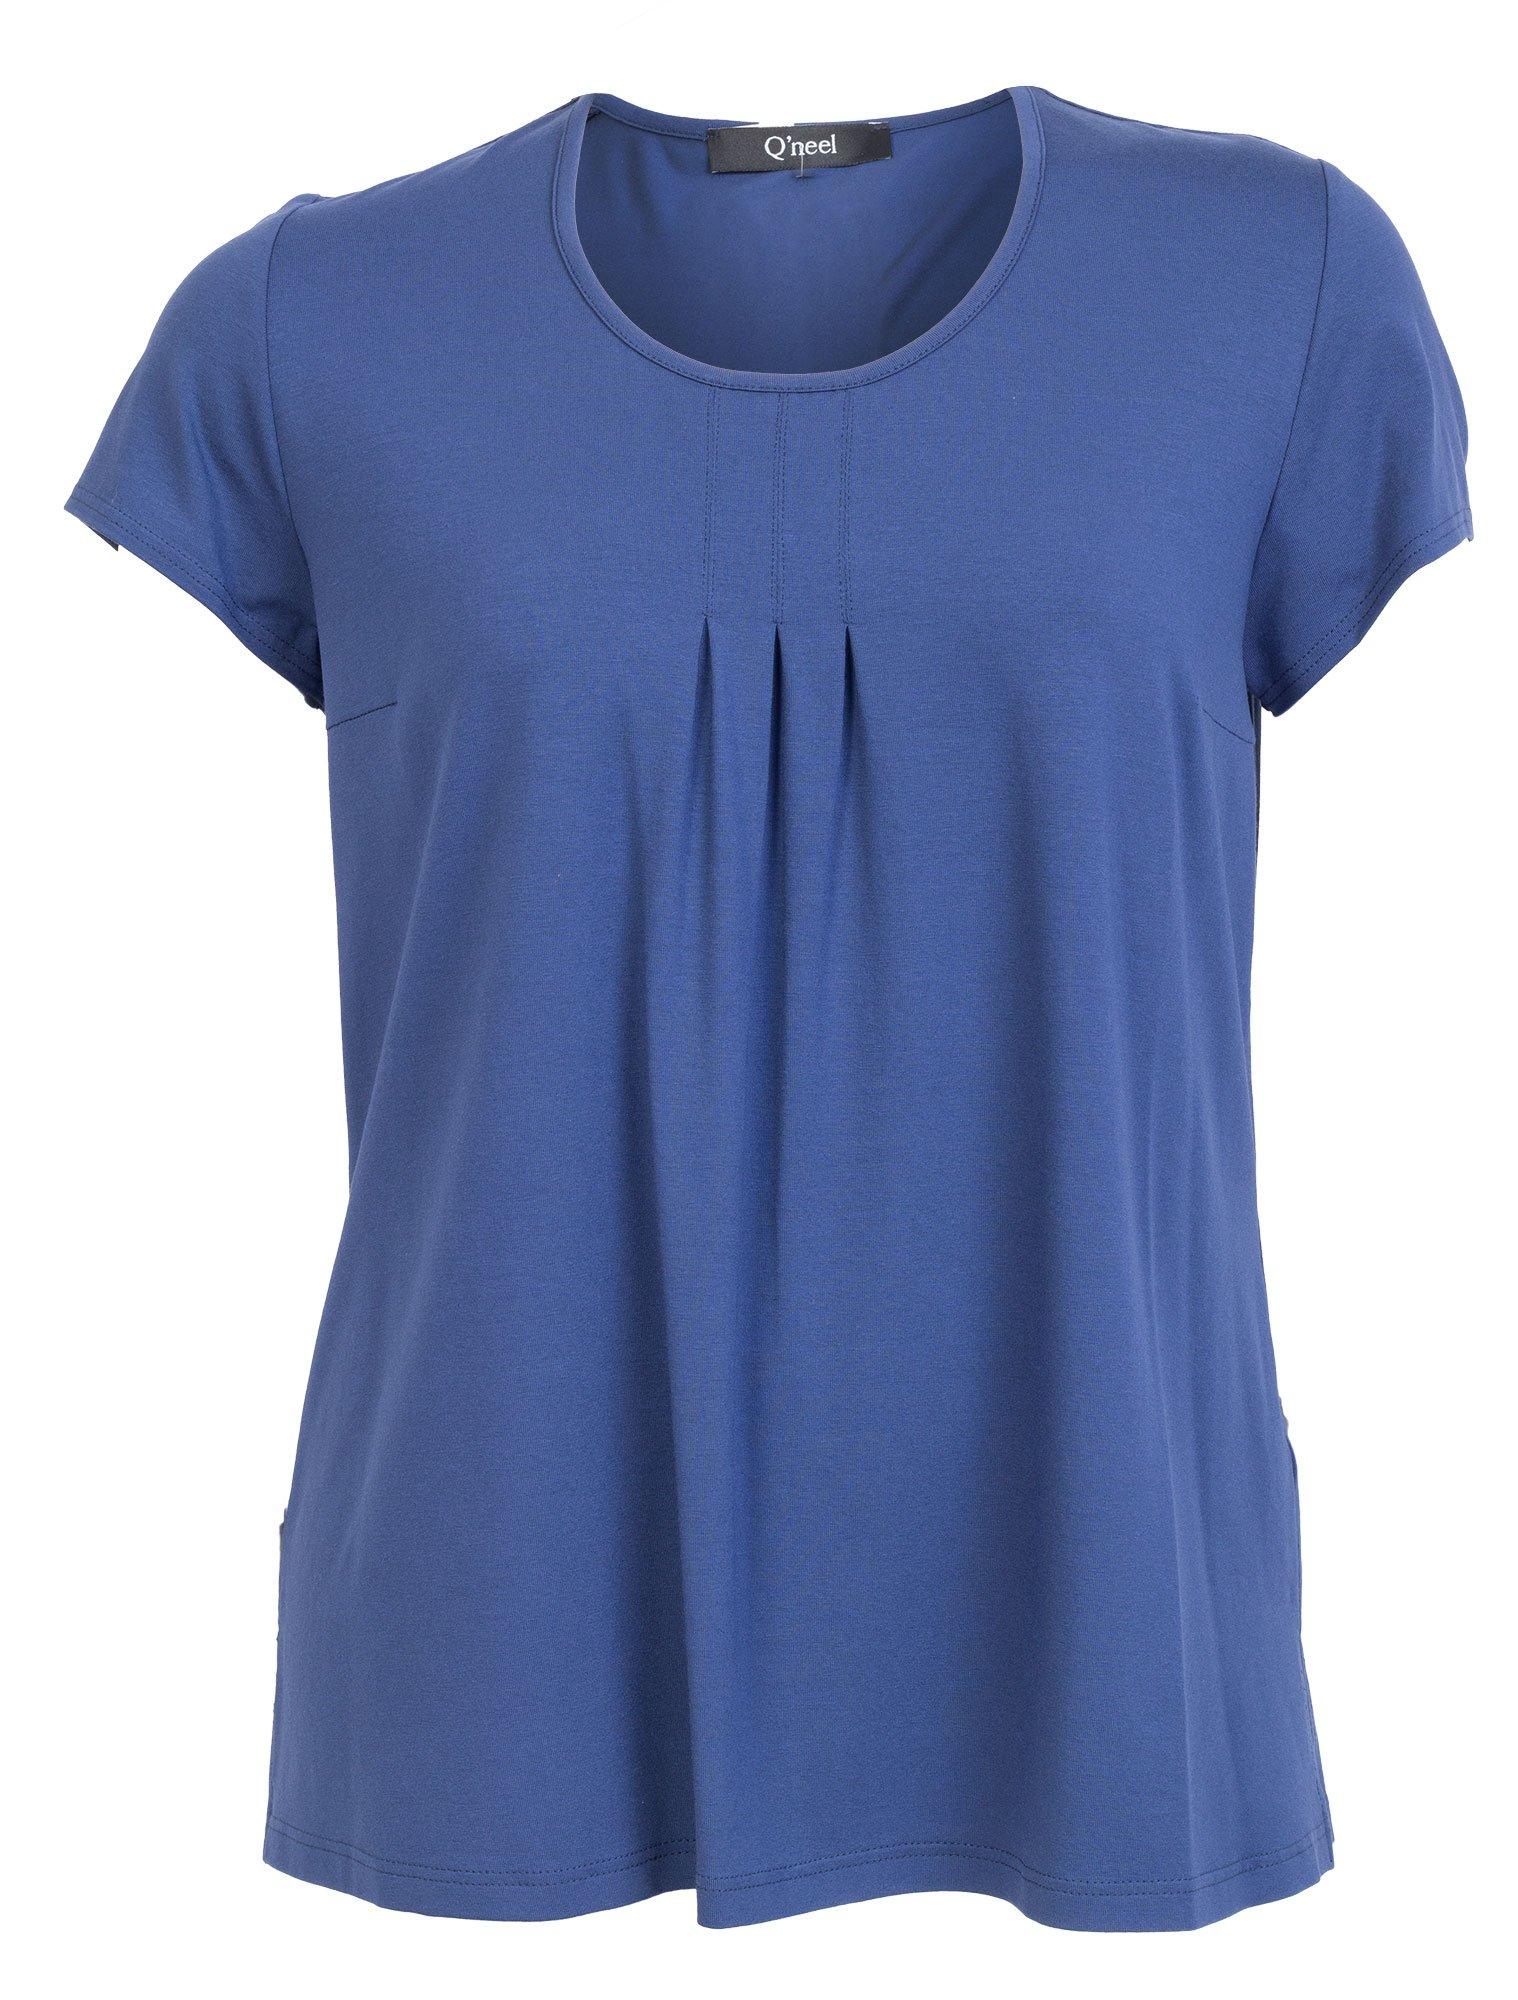 Blå bluse / t-shirt i lækker viskose jersey